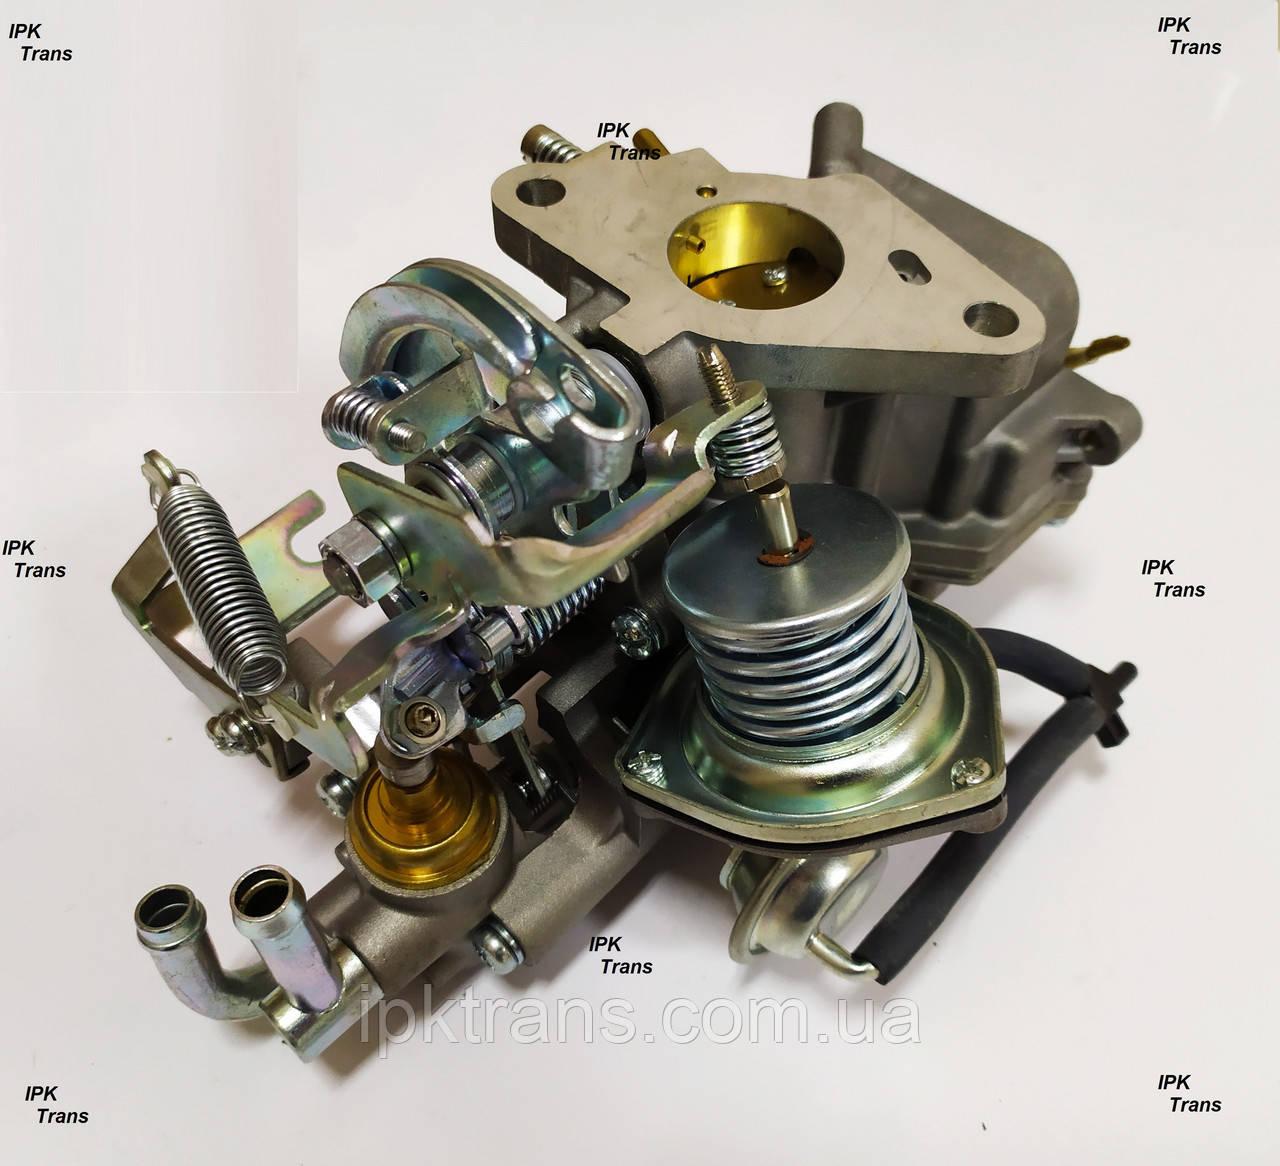 Карбюратор на двигатель NISSAN K25